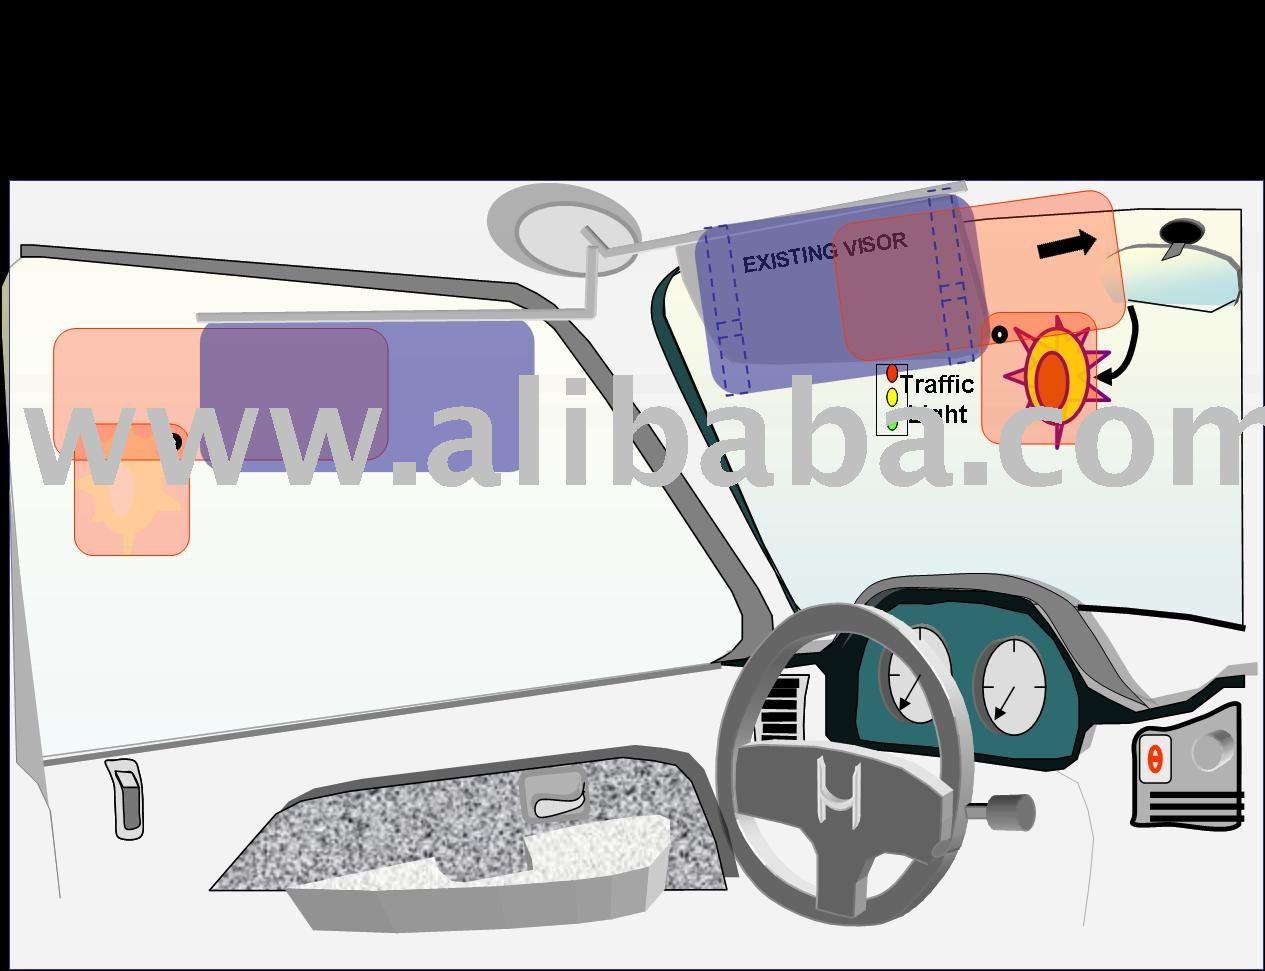 Add-on Sun Visor for Cars